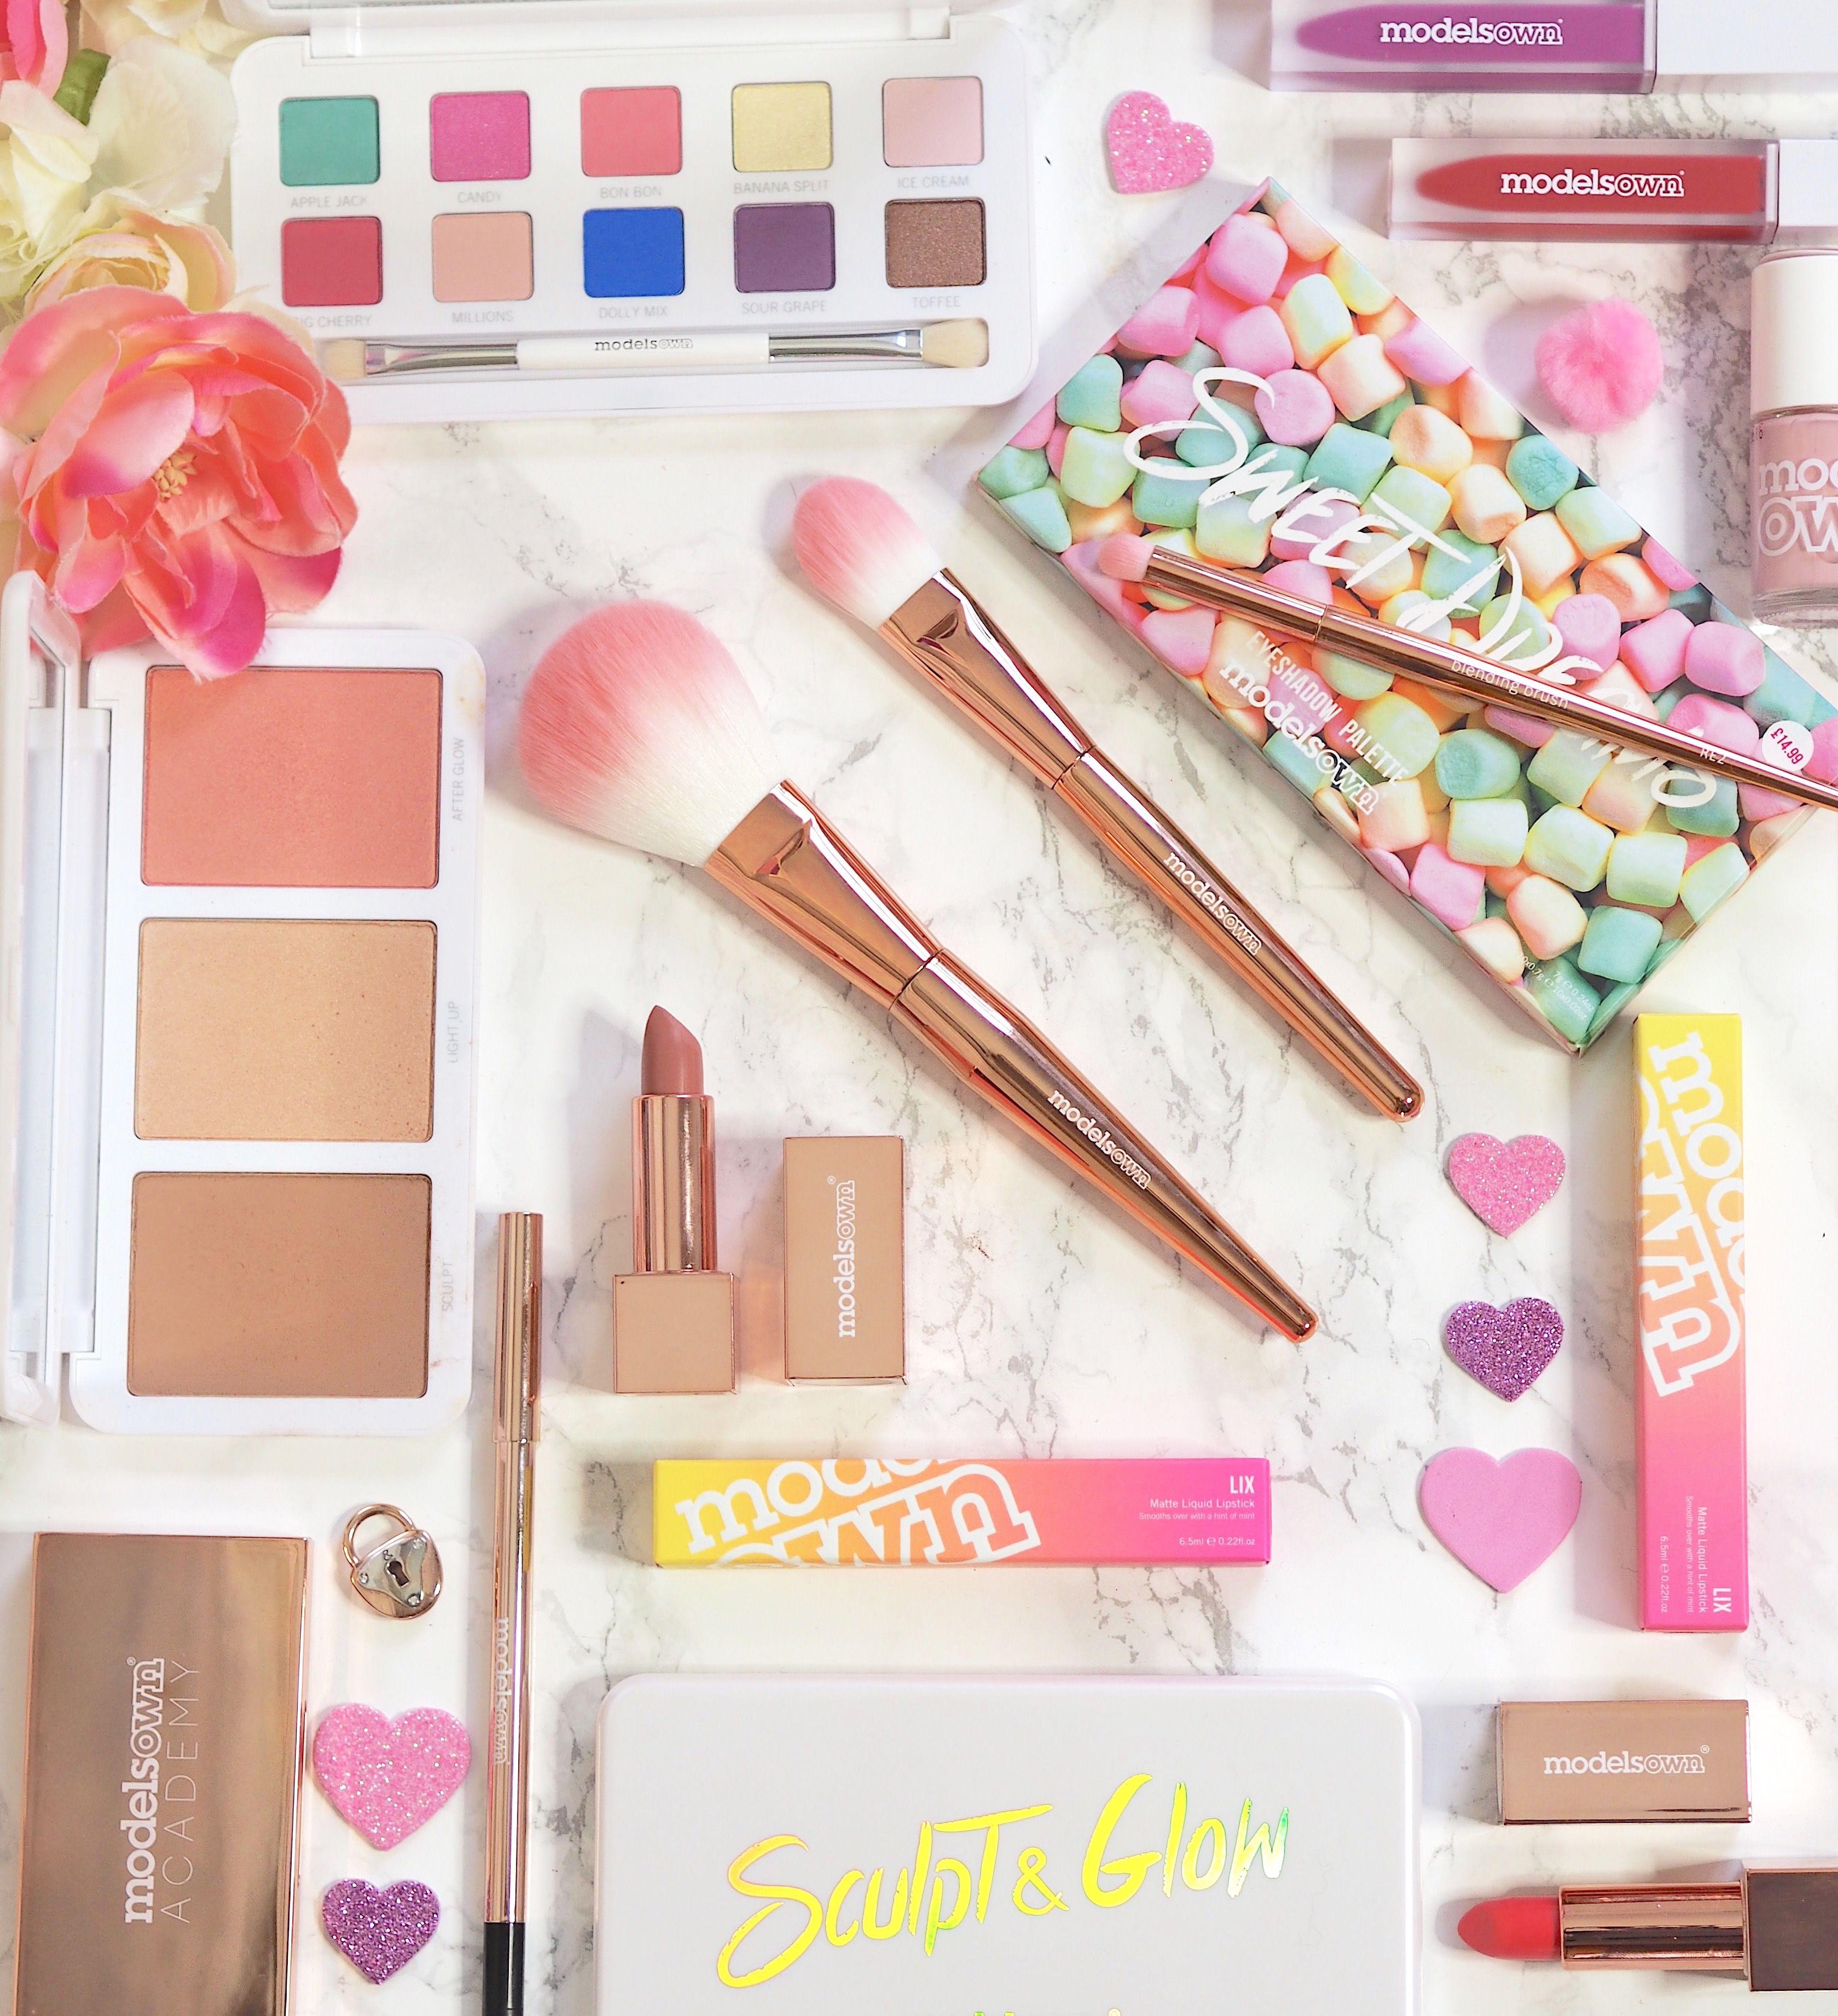 Ulta beauty bundle NWOT New without tags 21 eyeshadow